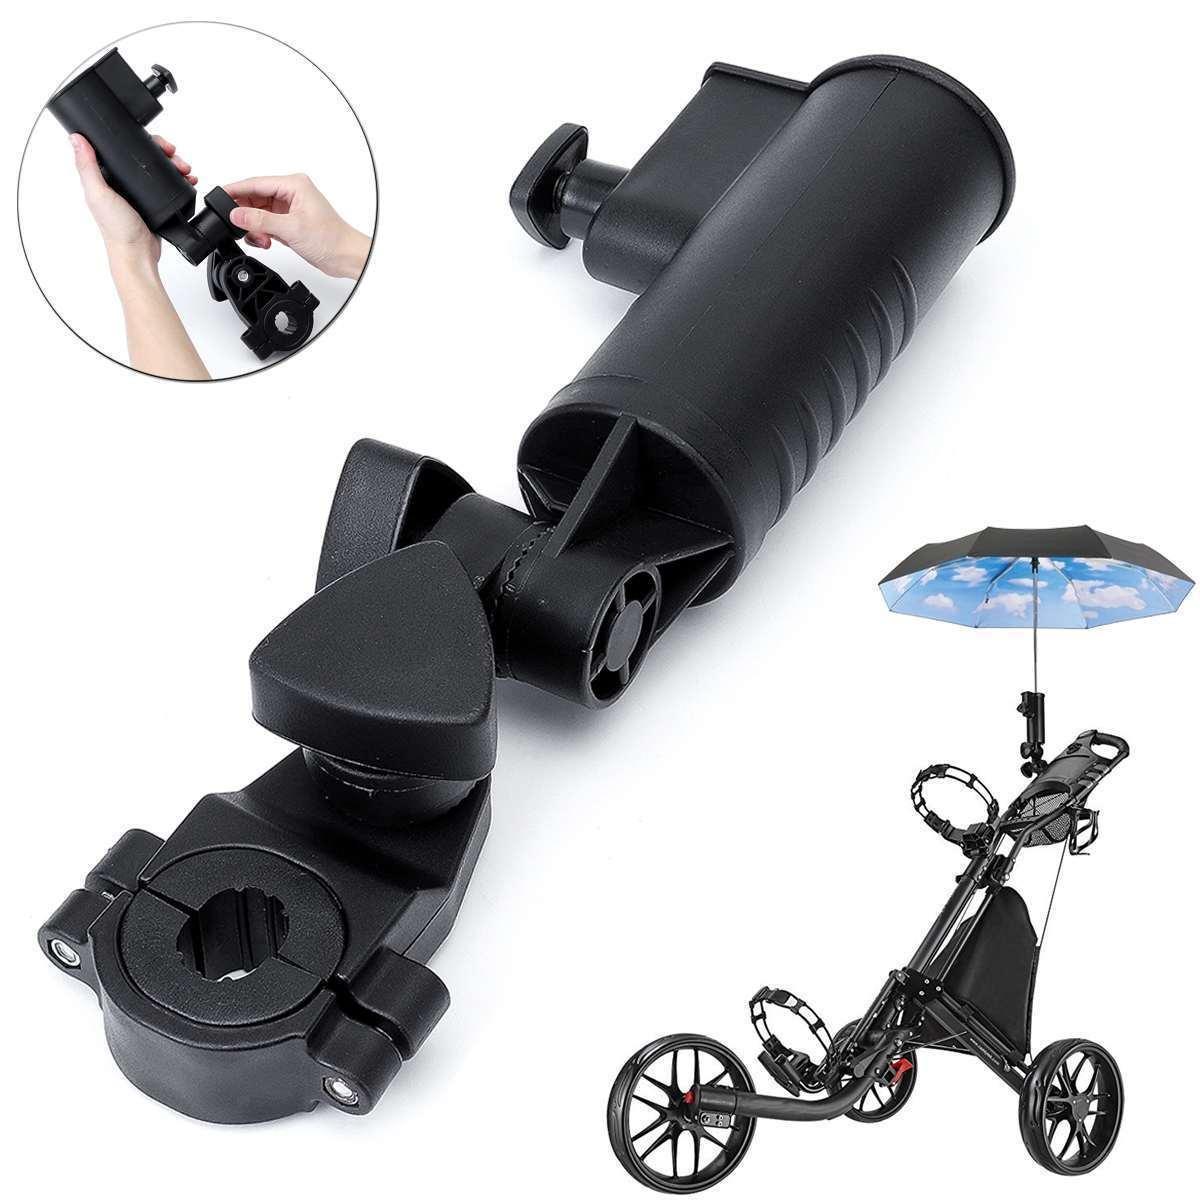 حامل مظلة قابل للتعديل العالمي مع 3 مقاطع الحجم، حامل ل عربات التي تجرها الدواب عربة الطفل عربة جولف عربة الصيد الدراجات 201026